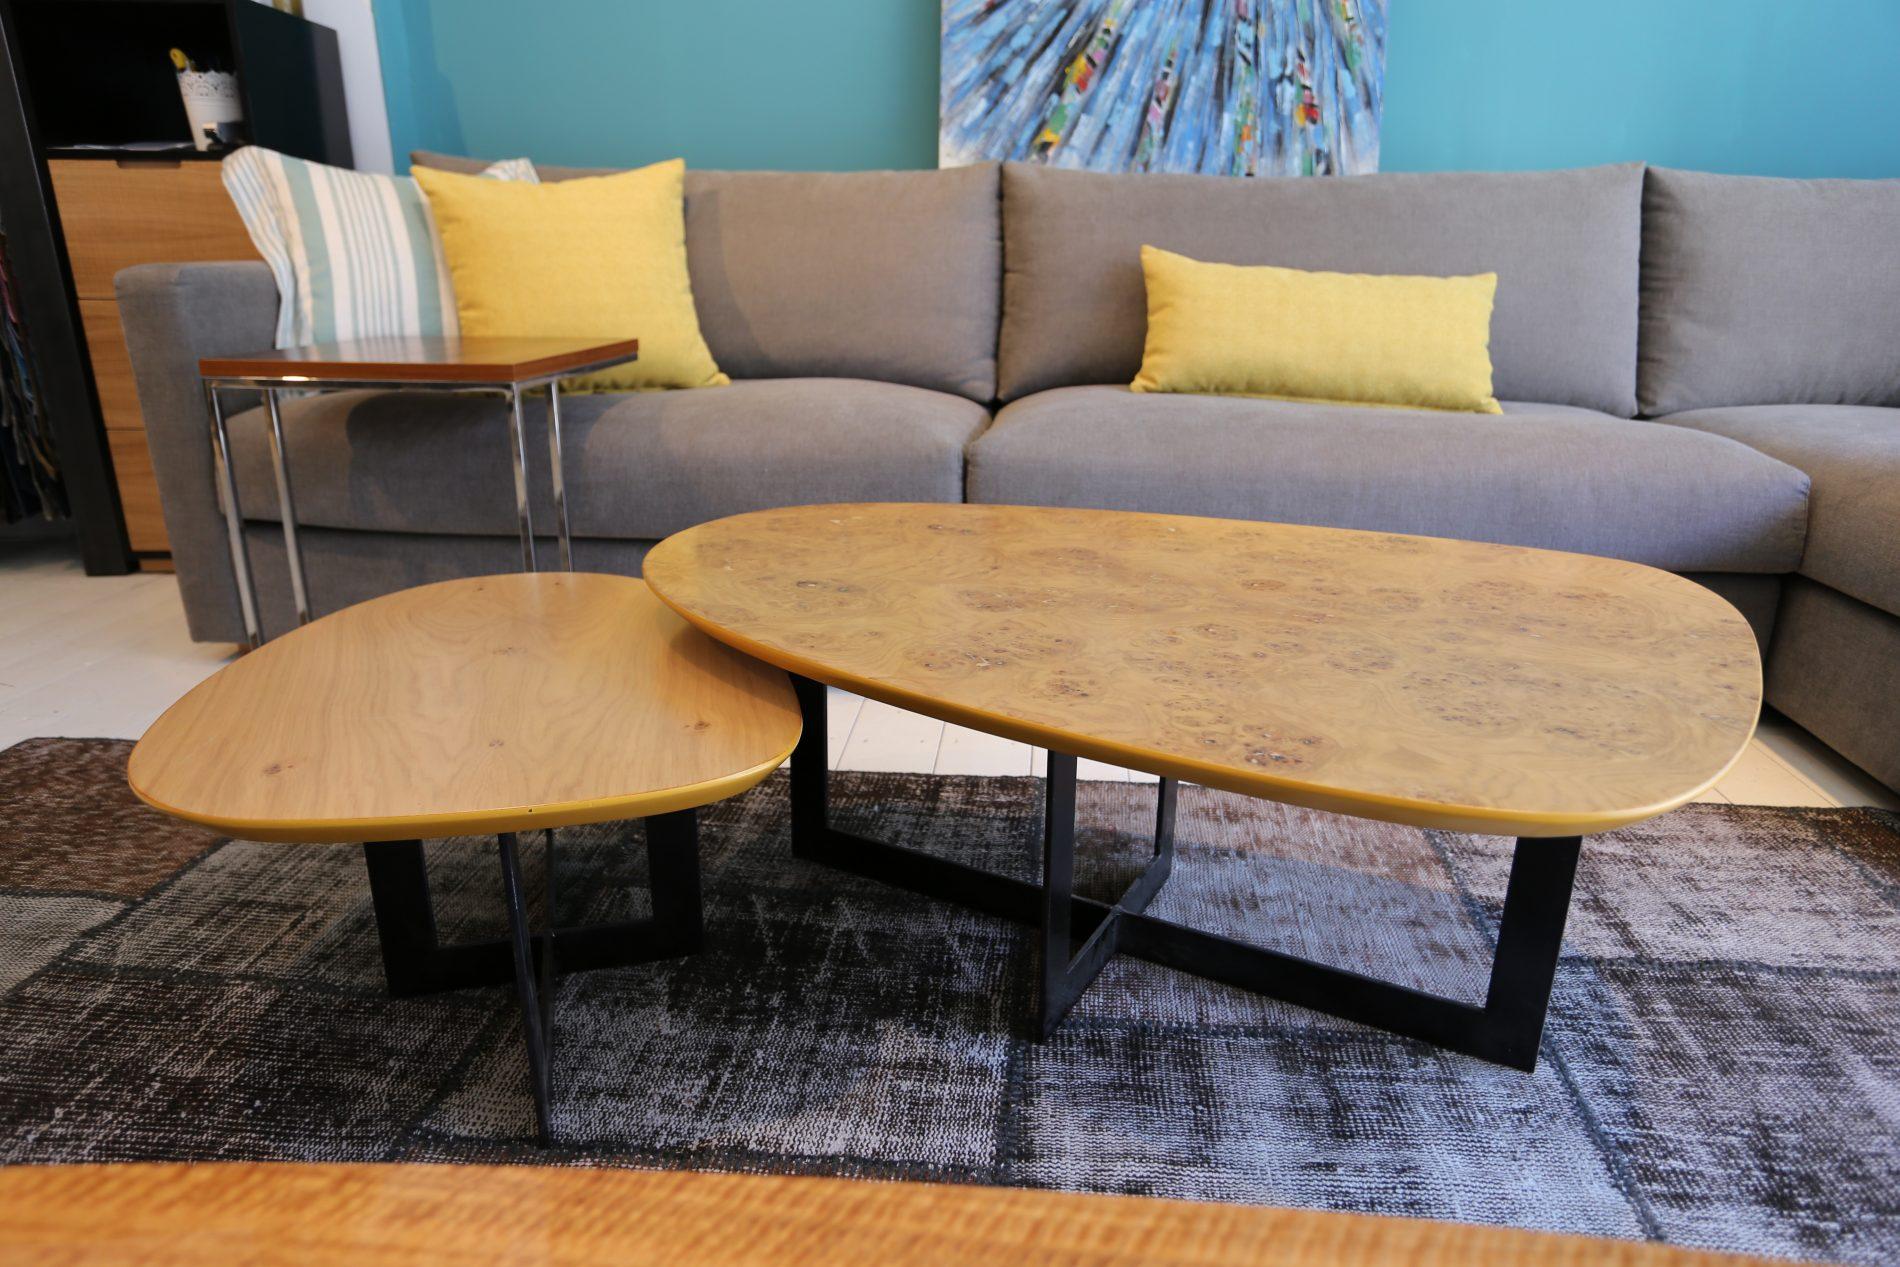 שולחן לסלון ביצה ארנה רהיטים